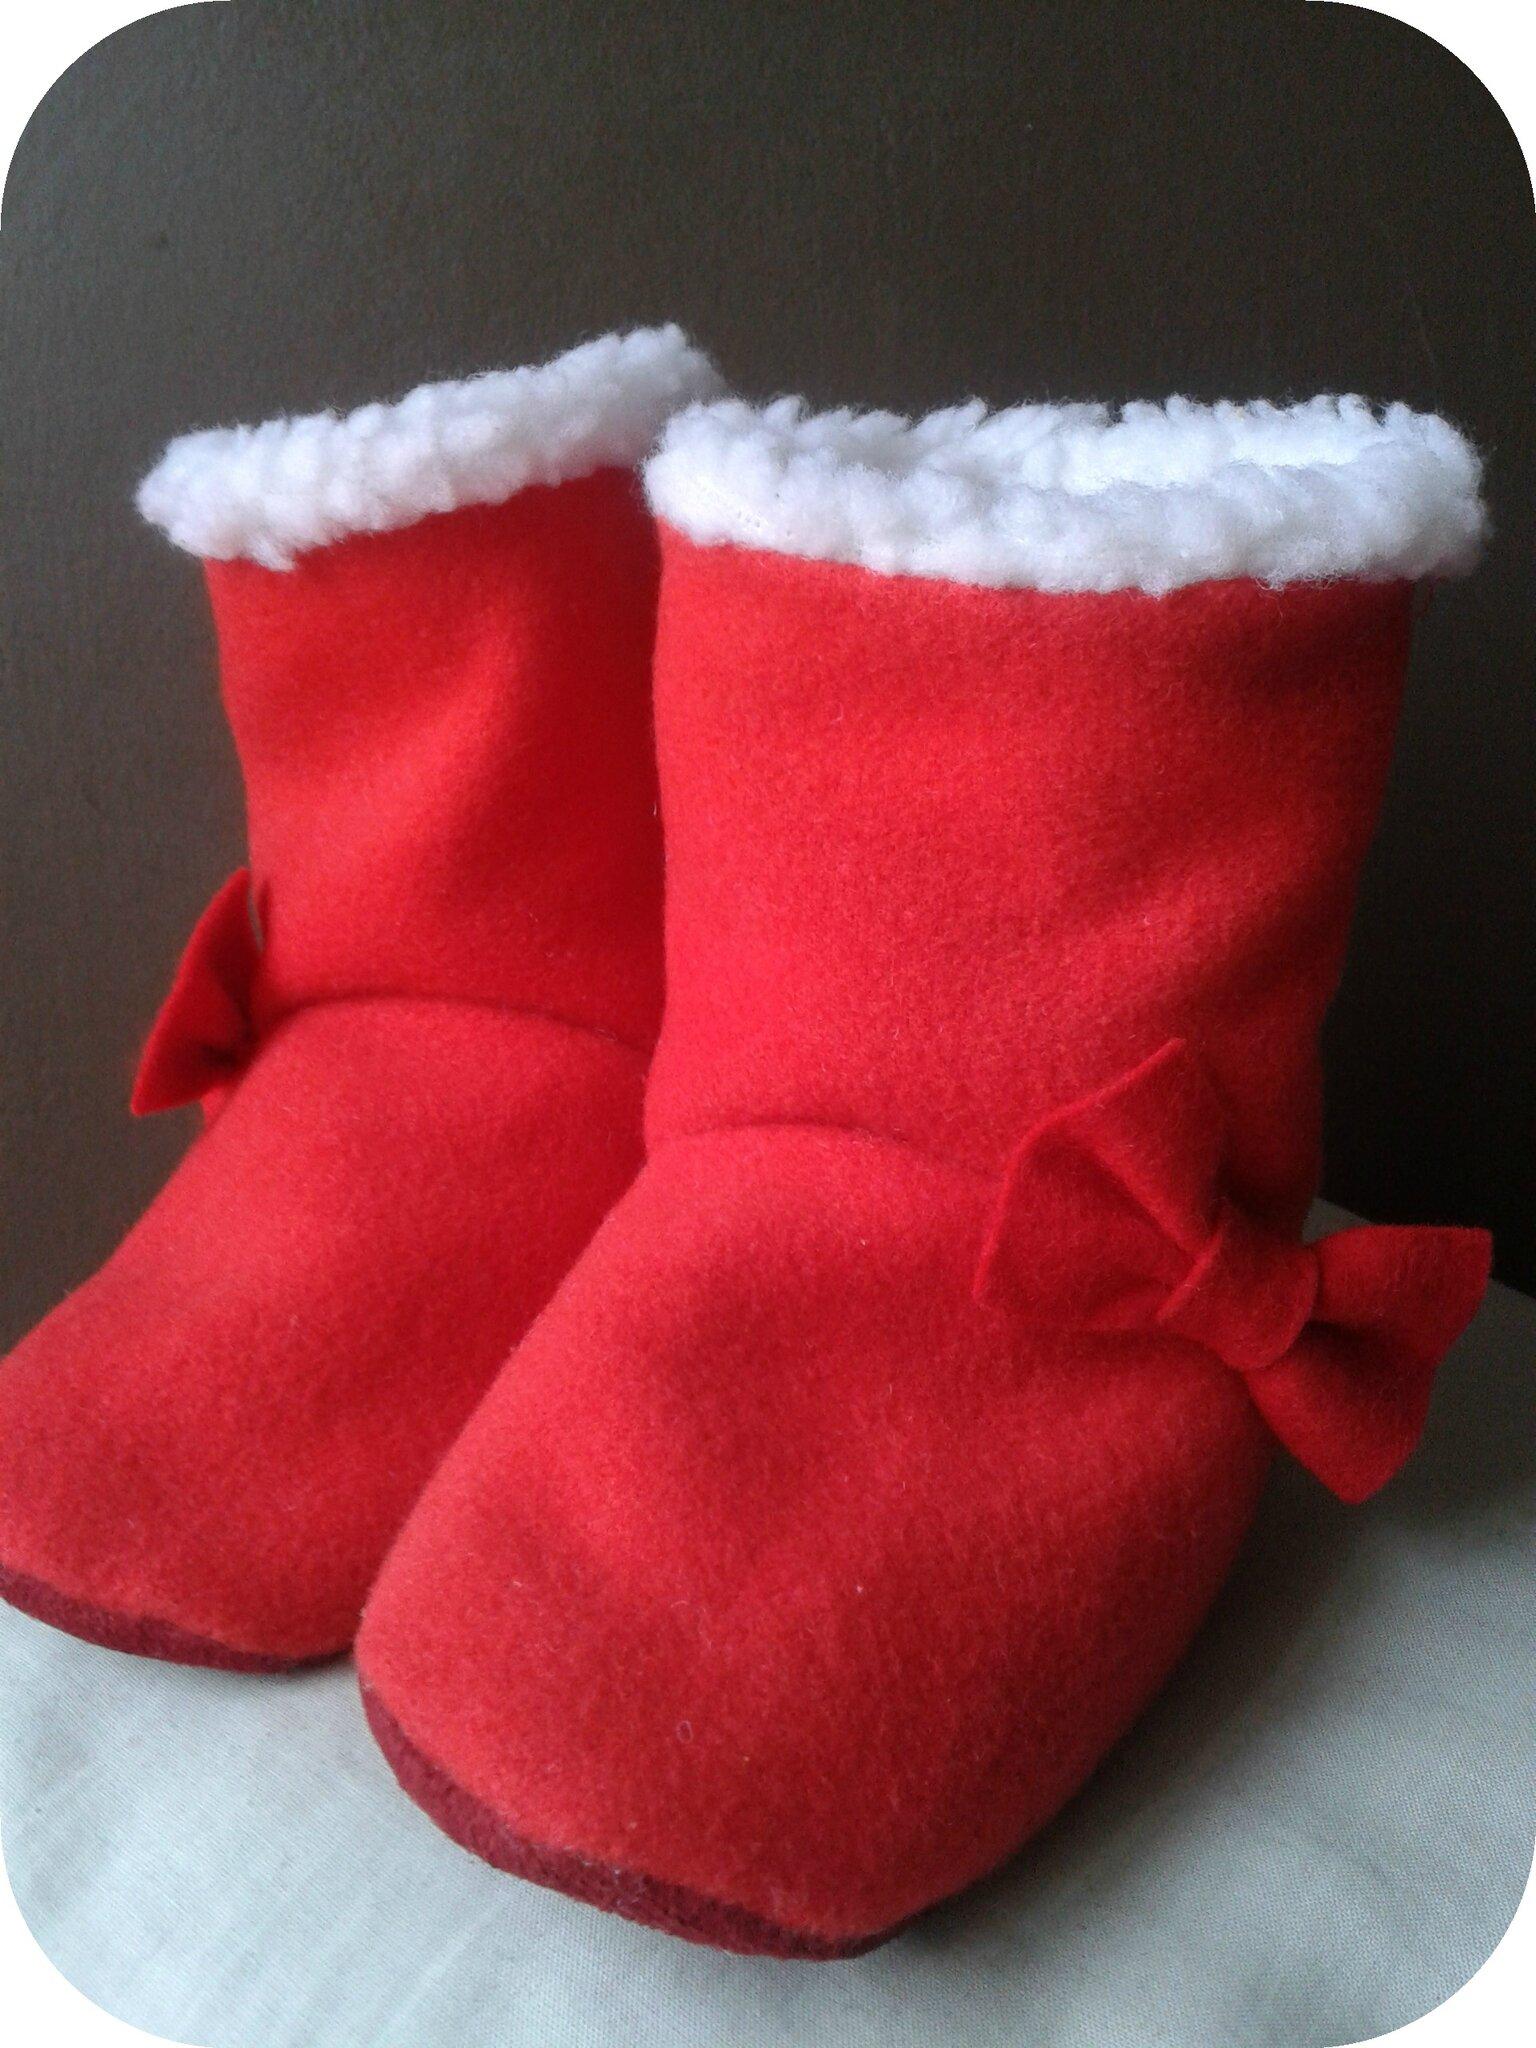 Zazou's Christmassy boots